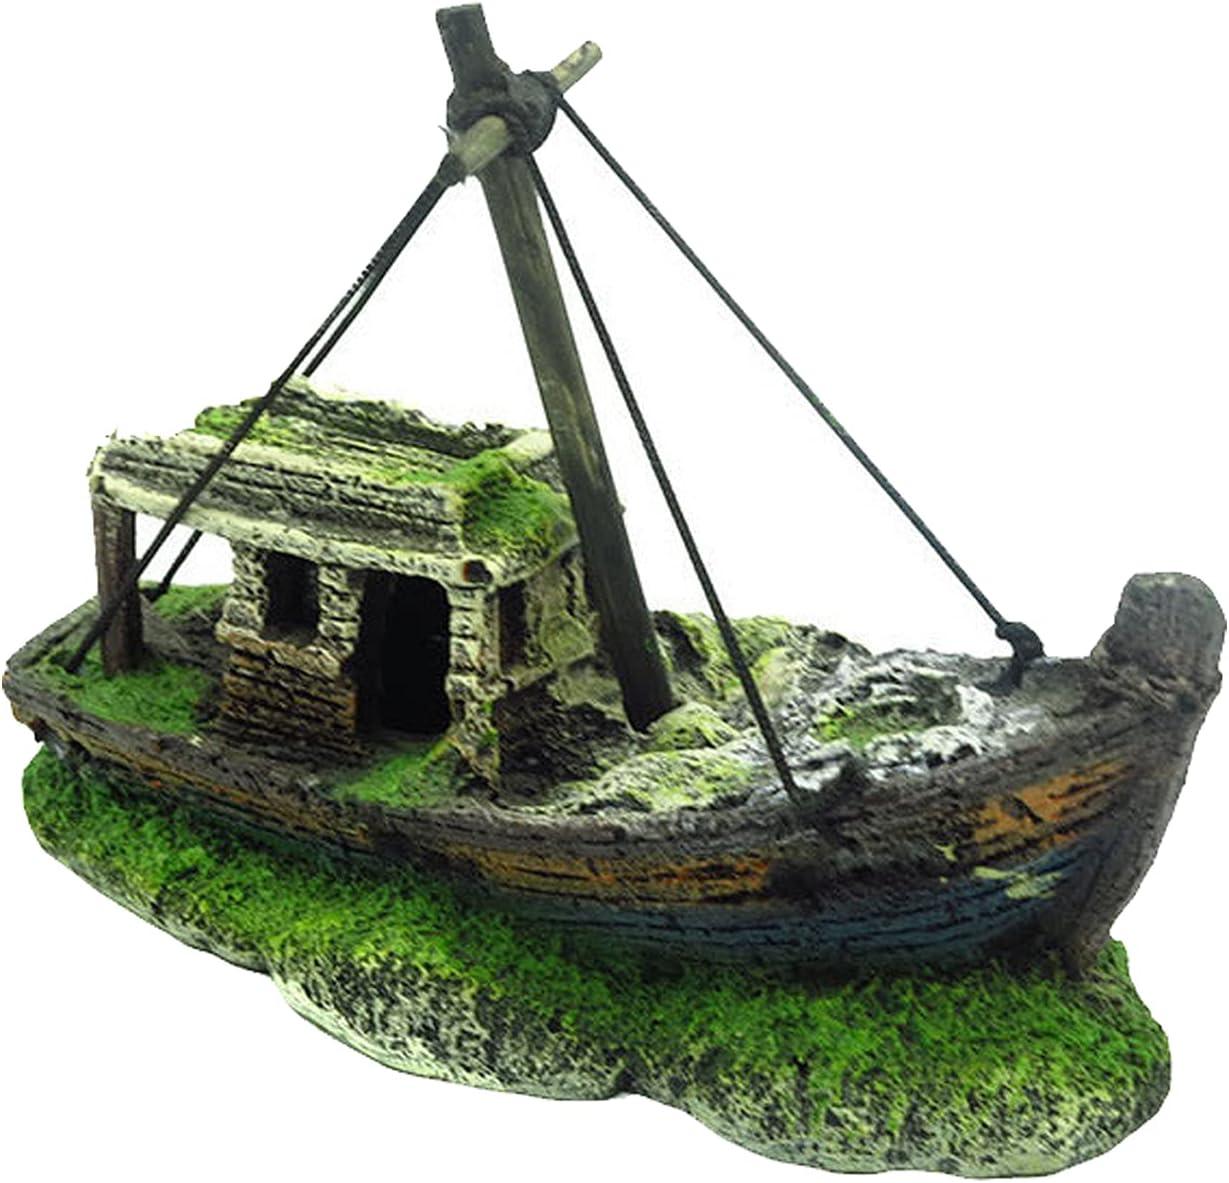 N\O Decorazione in resina artificiale di pescherecci, decorazione in plastica, nave pirata affondata, decorazione per acquario